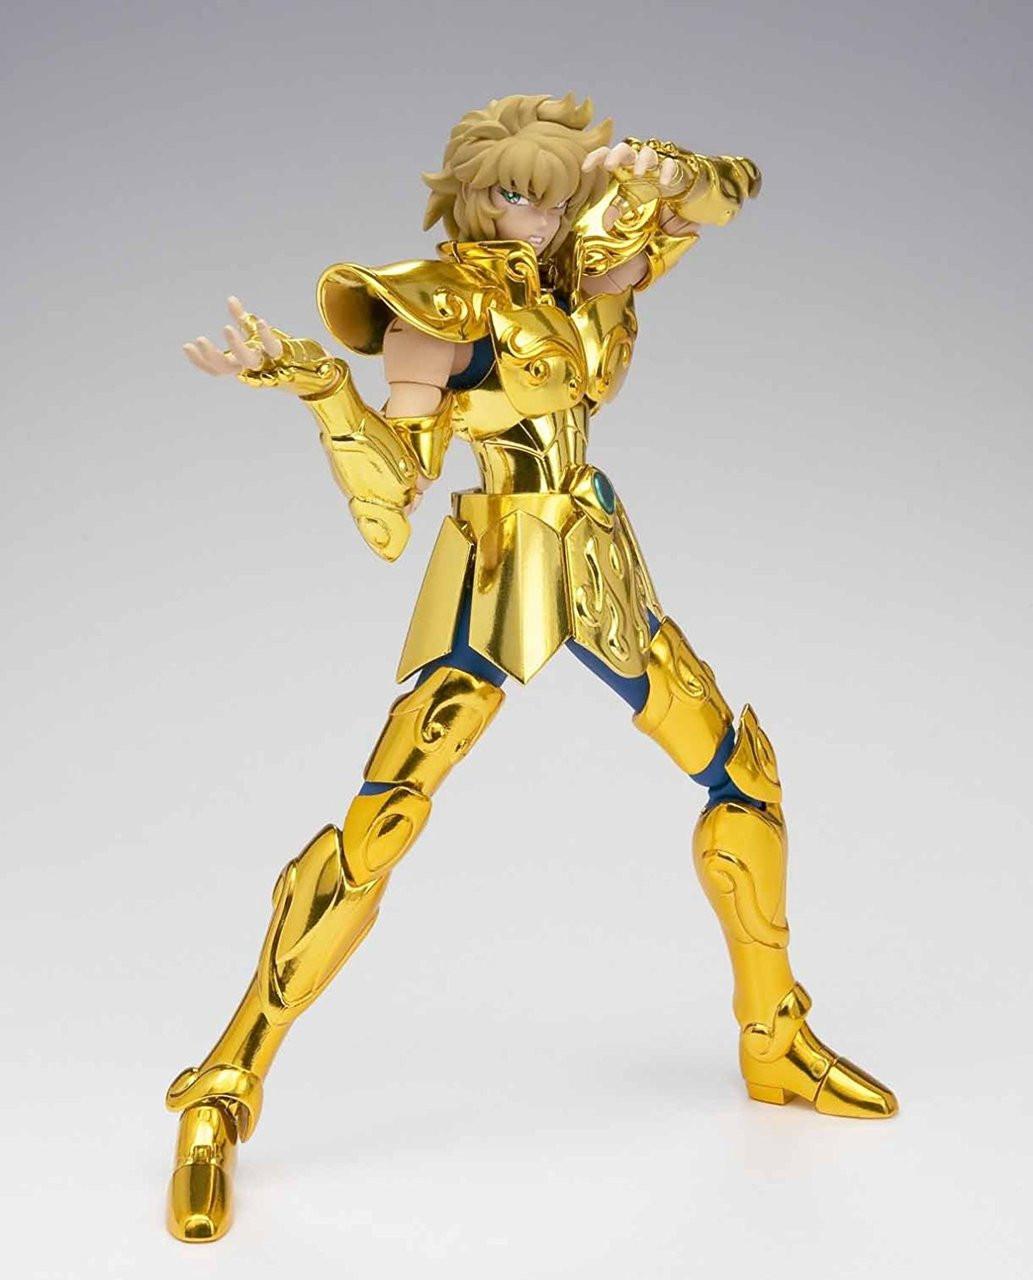 Leo Aiolia God Cloth Revival Ver Saint Seiya Bandai Saint Cloth Myth EX